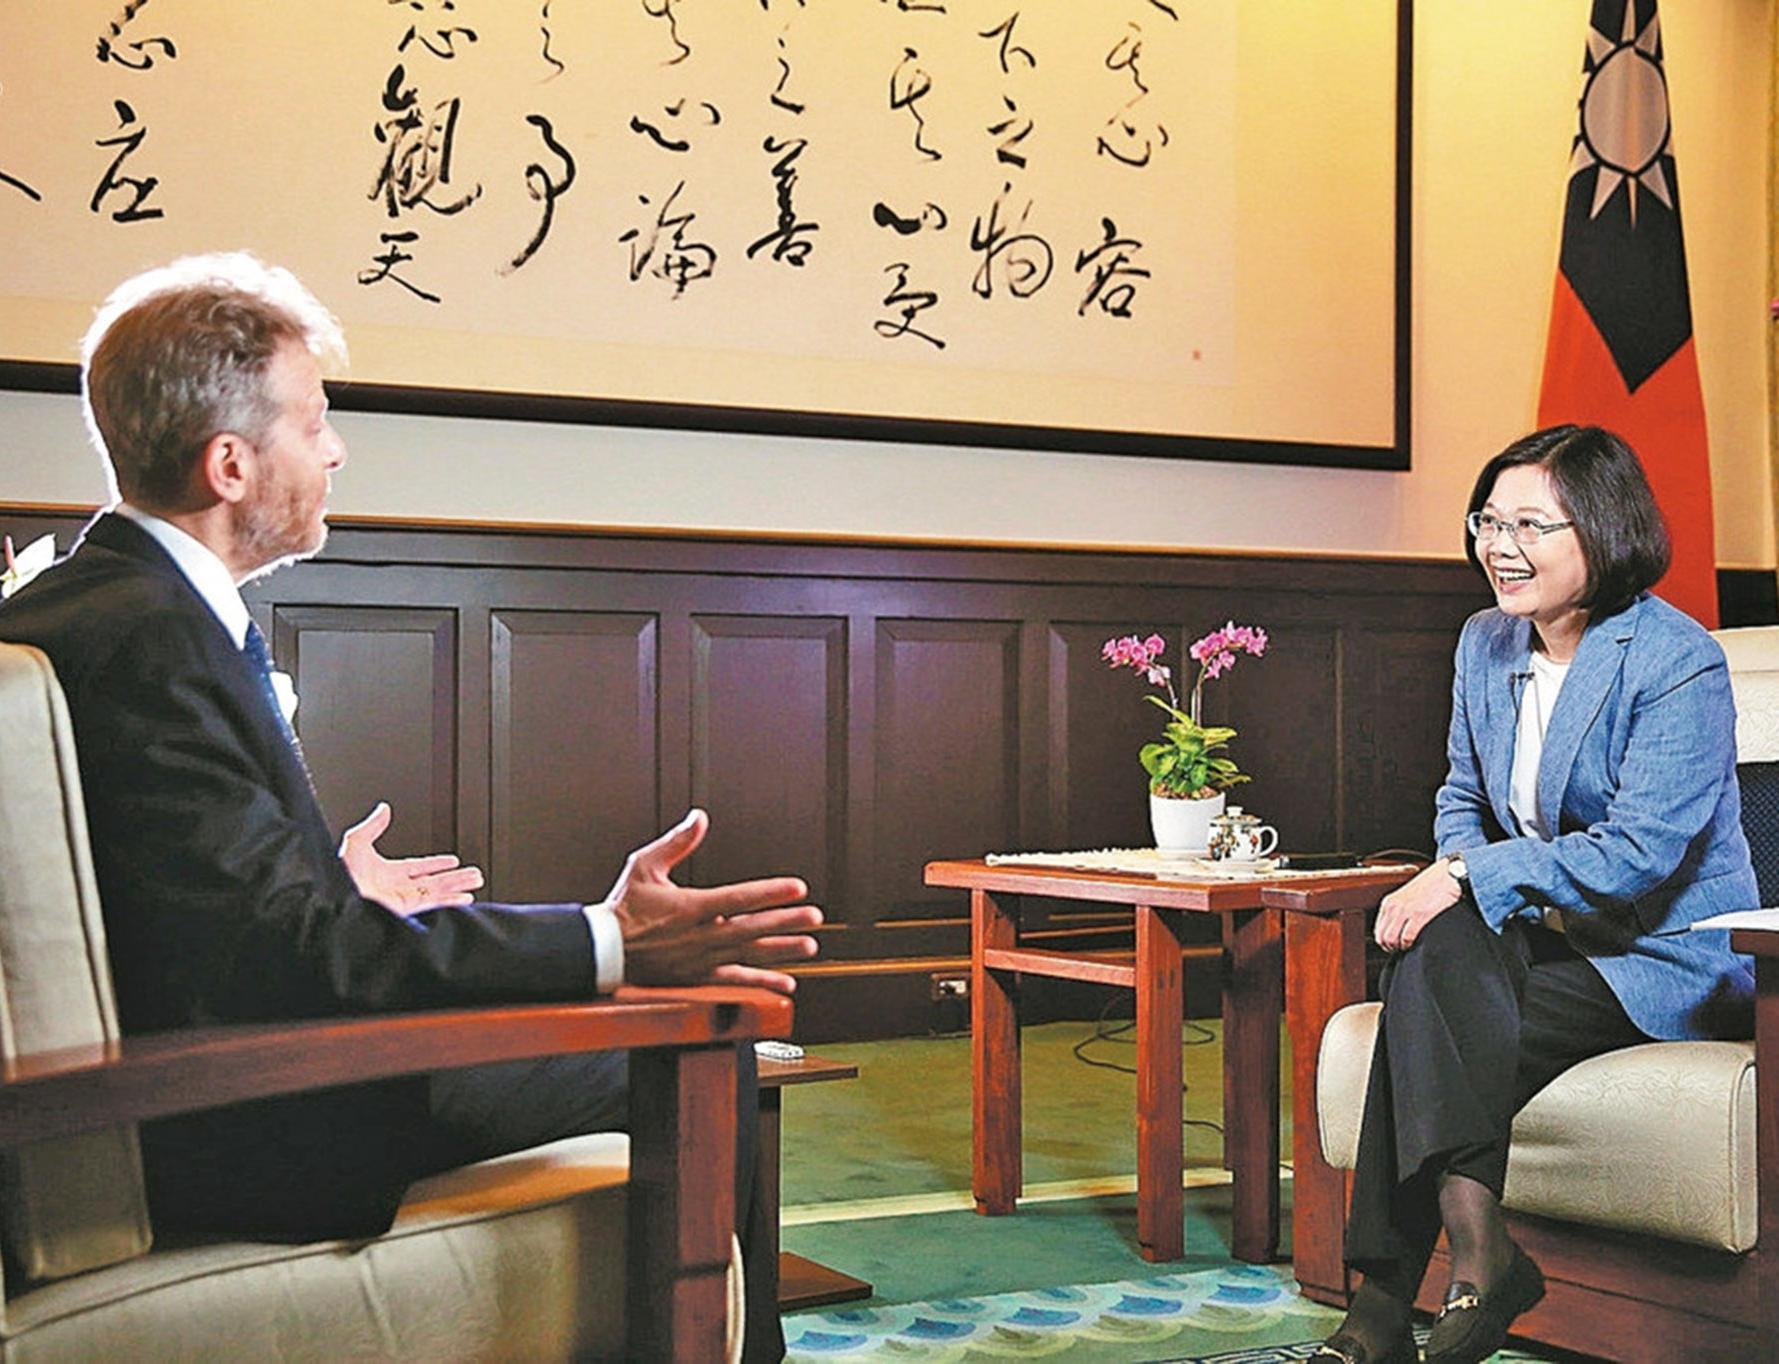 蔡英文:台灣不向壓力屈服